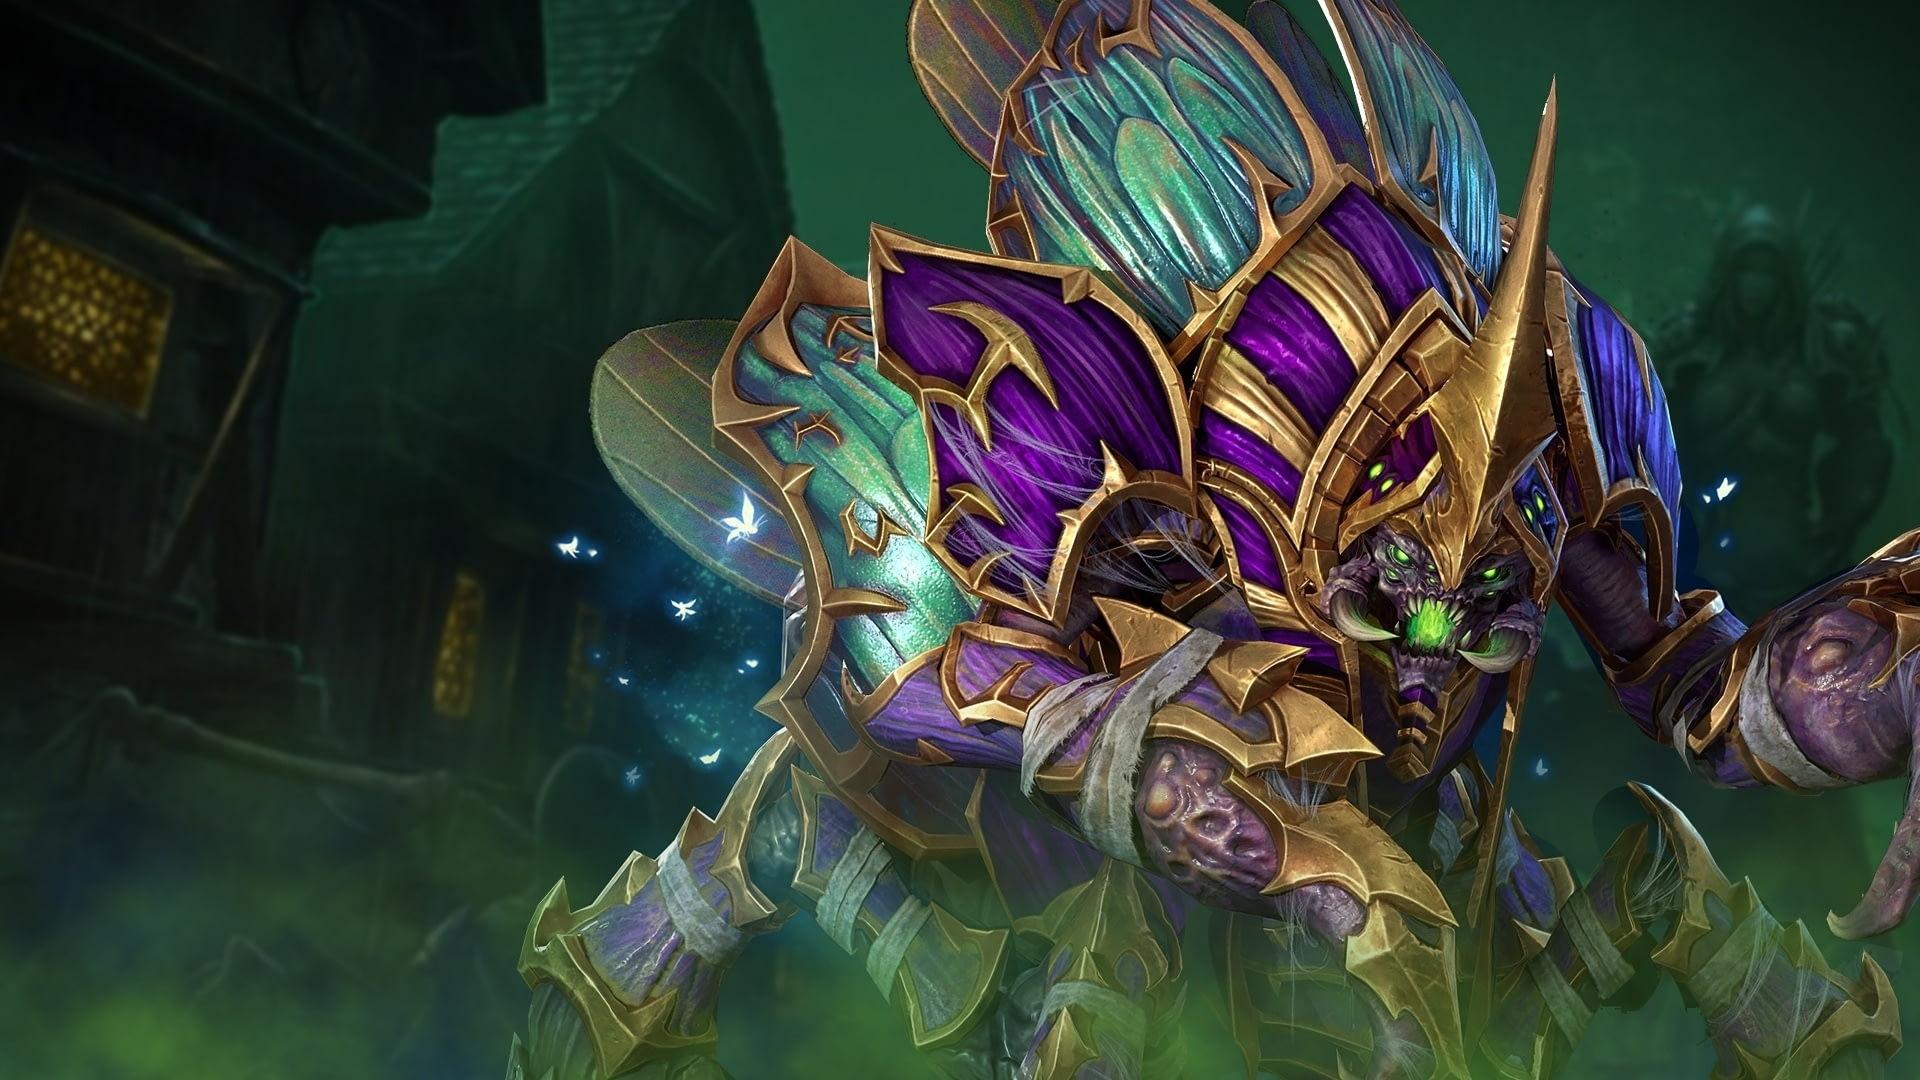 Утечка: обои, меню, интерфейс и иконки Warcraft III: Reforged 7